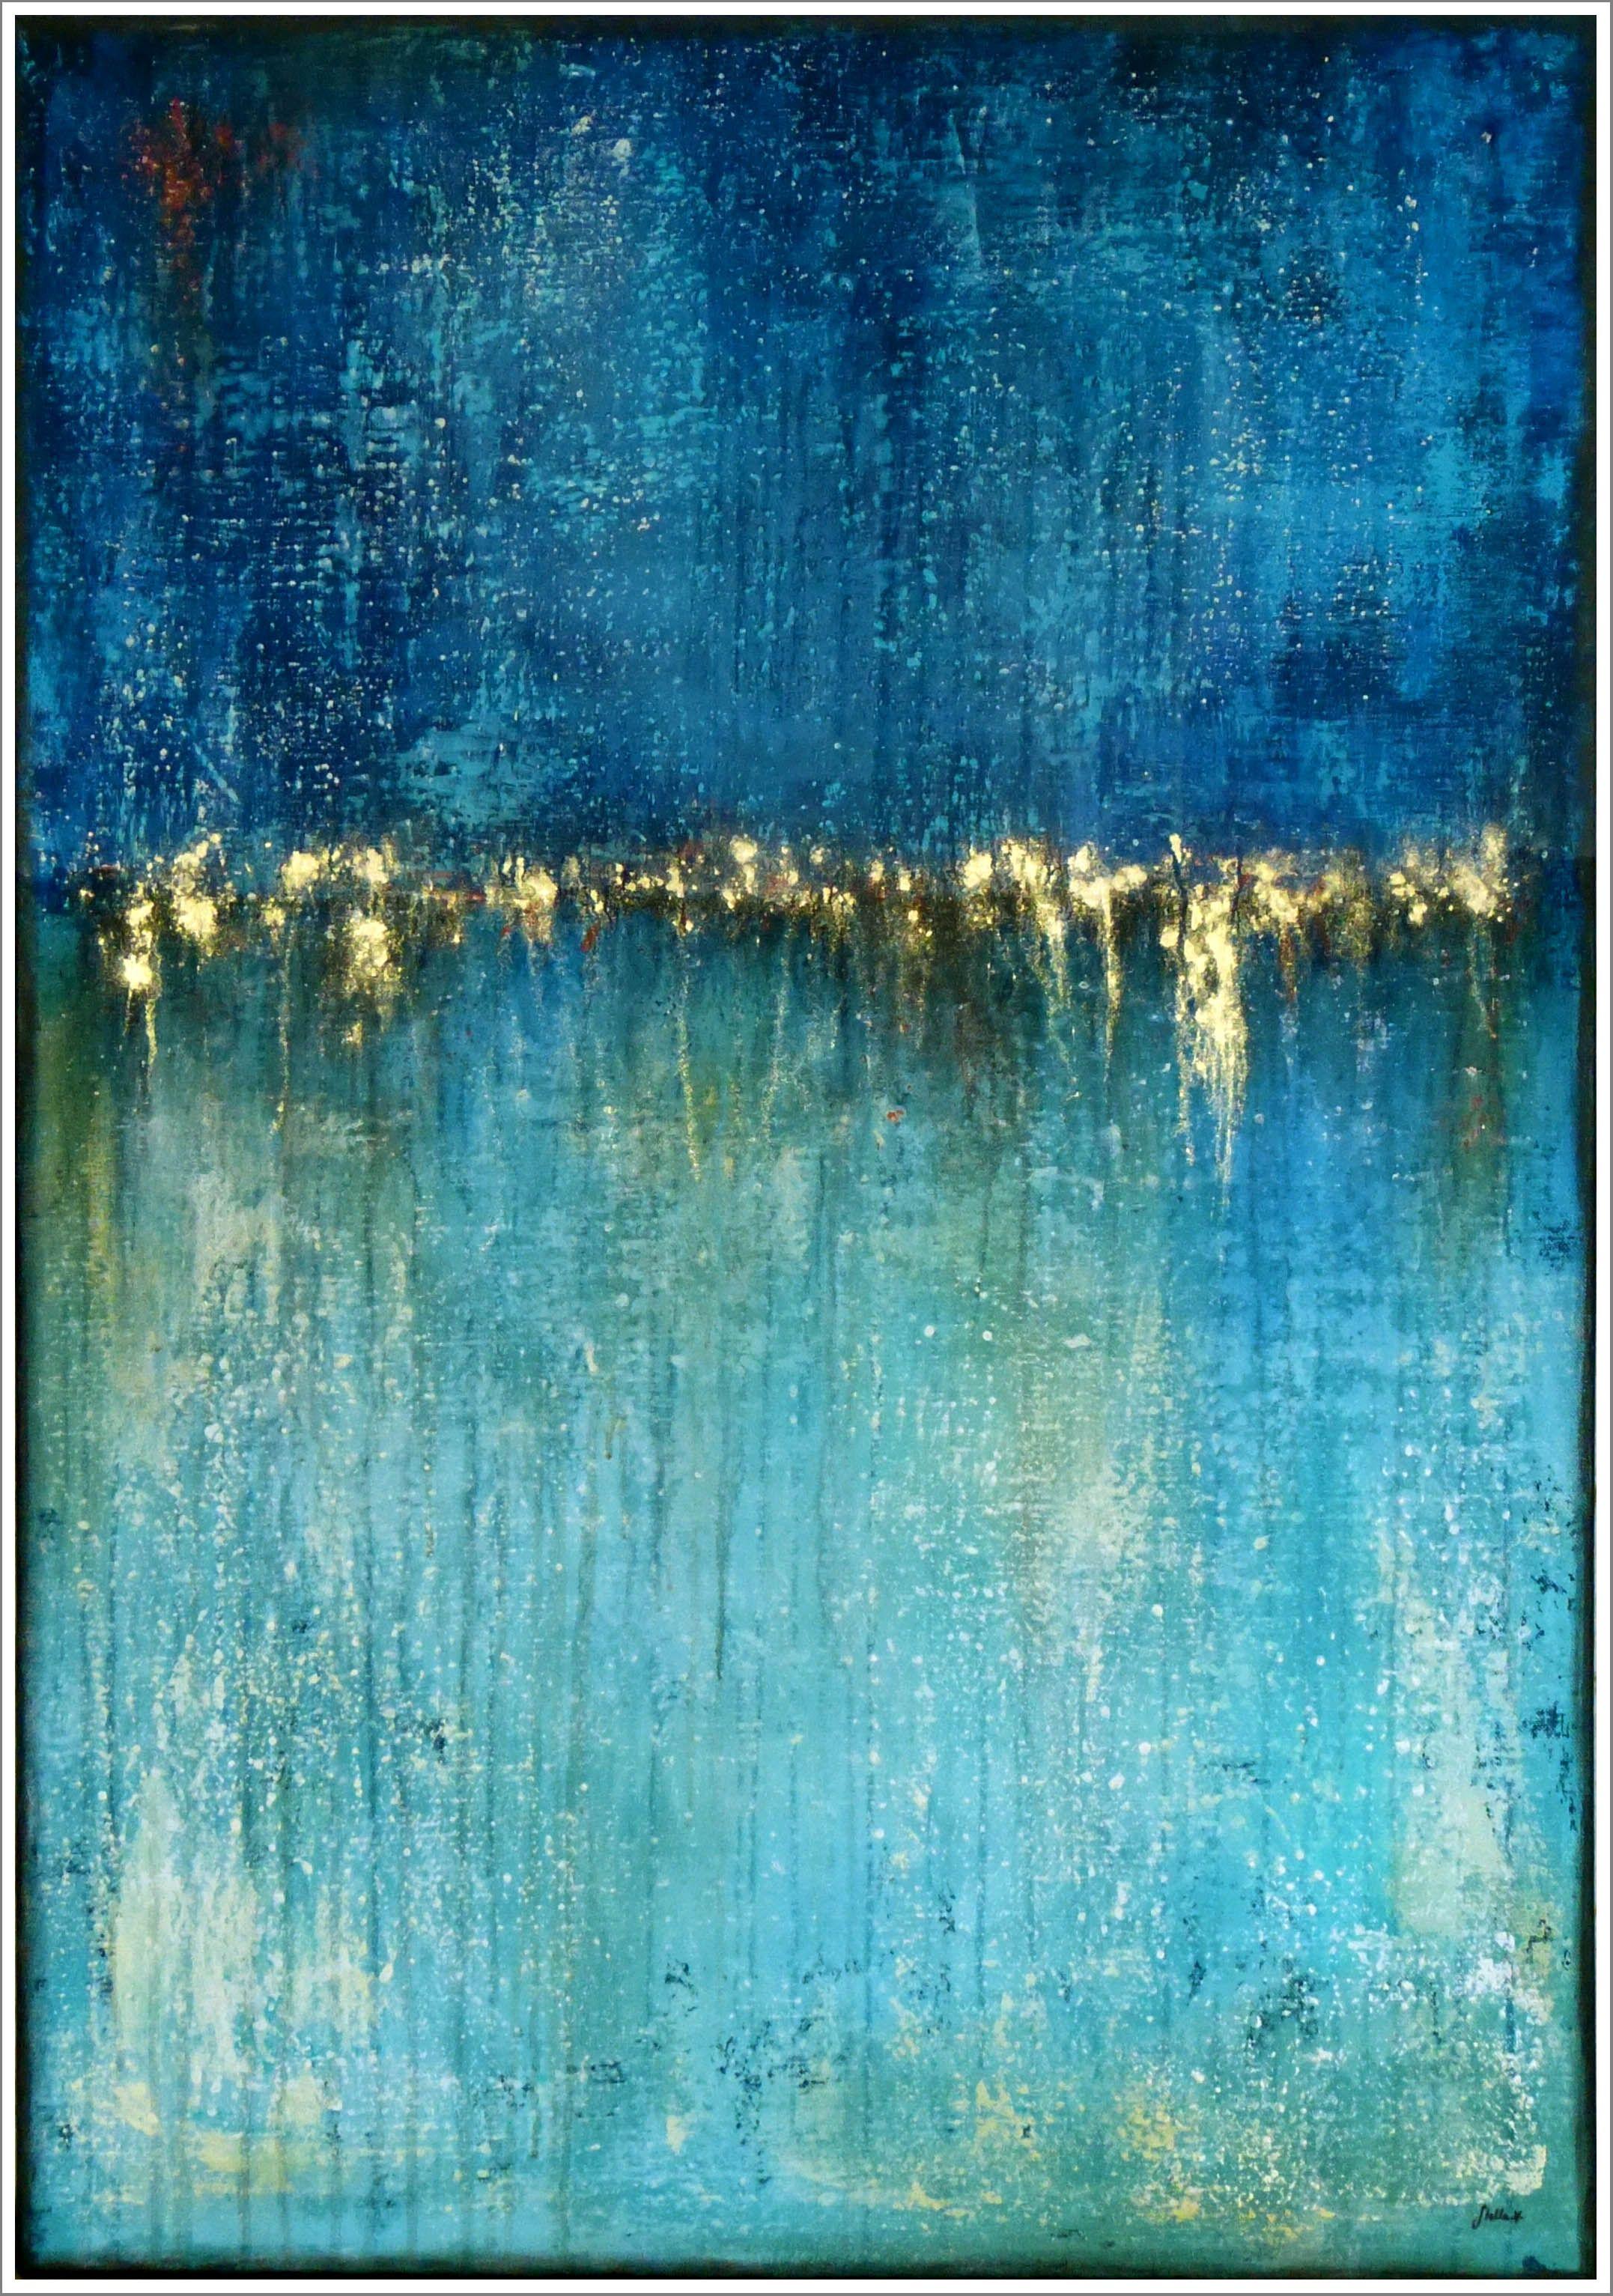 Kunst Gemälde Modern stella hettner bild original kunst gemälde modern malerei abstrakt